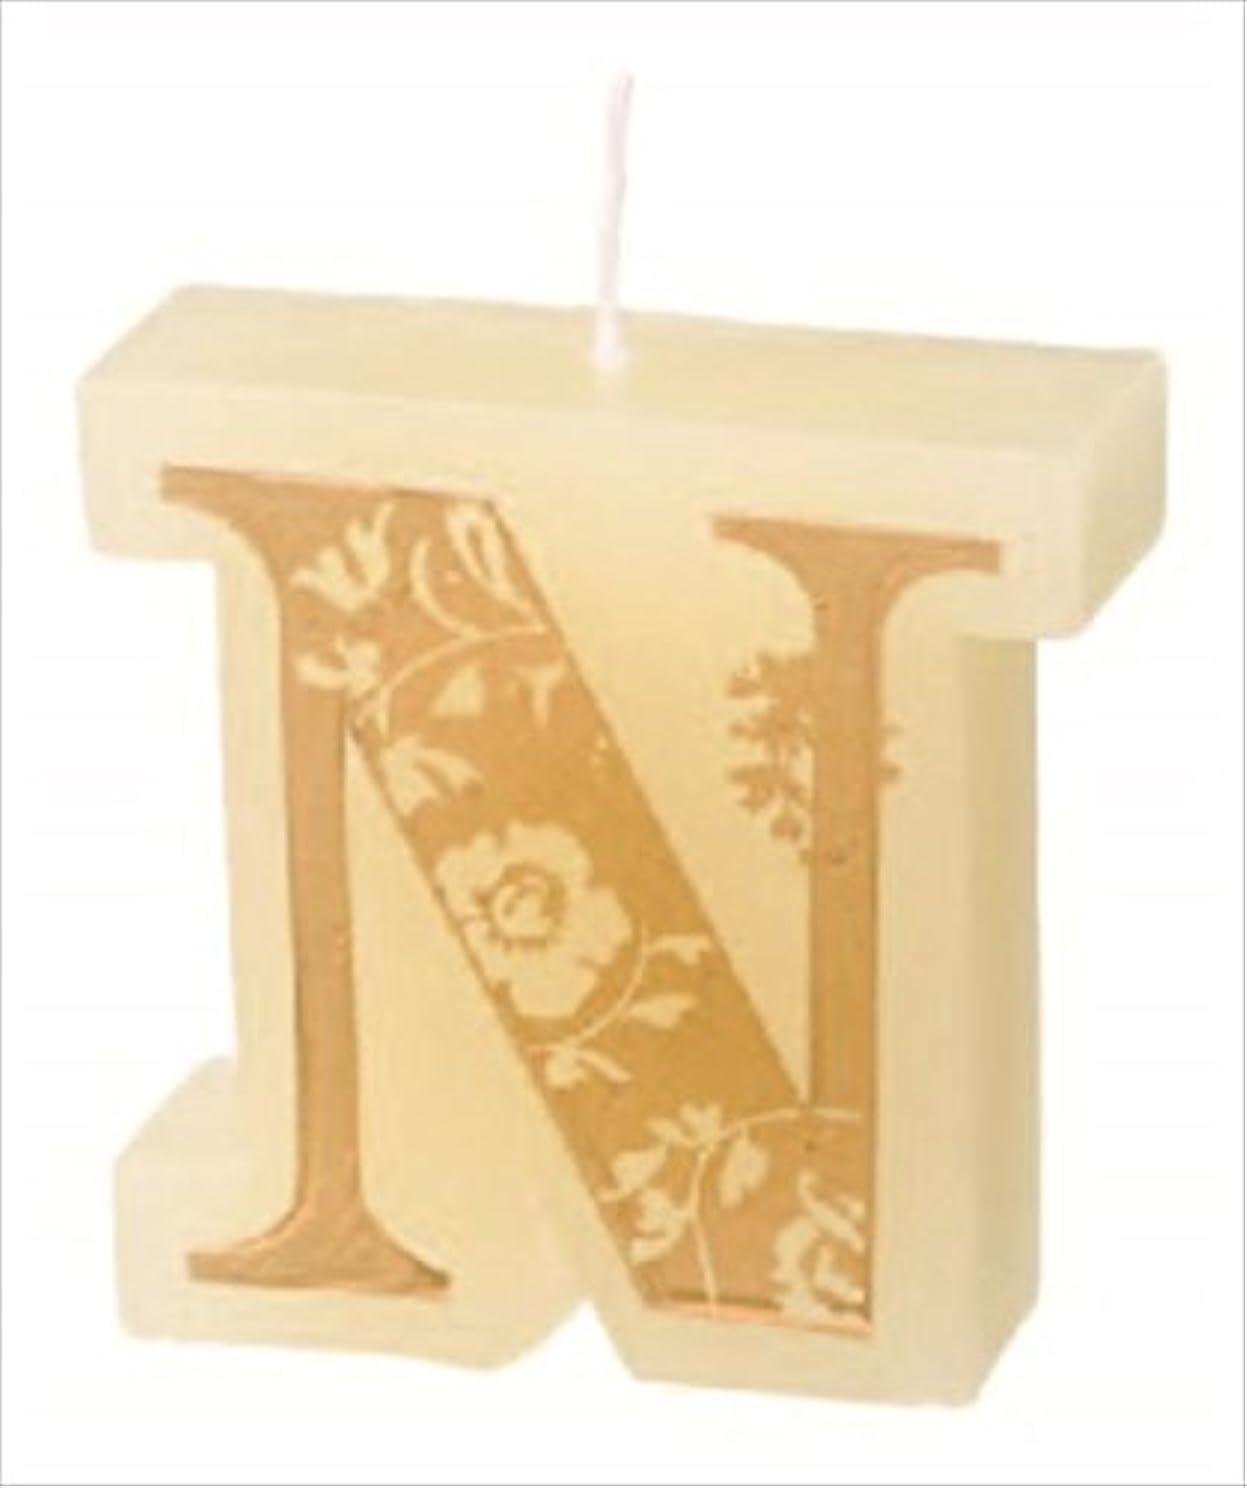 ポップ考える鉱夫カメヤマキャンドル(kameyama candle) イニシャルキャンドルミニ 「 N 」